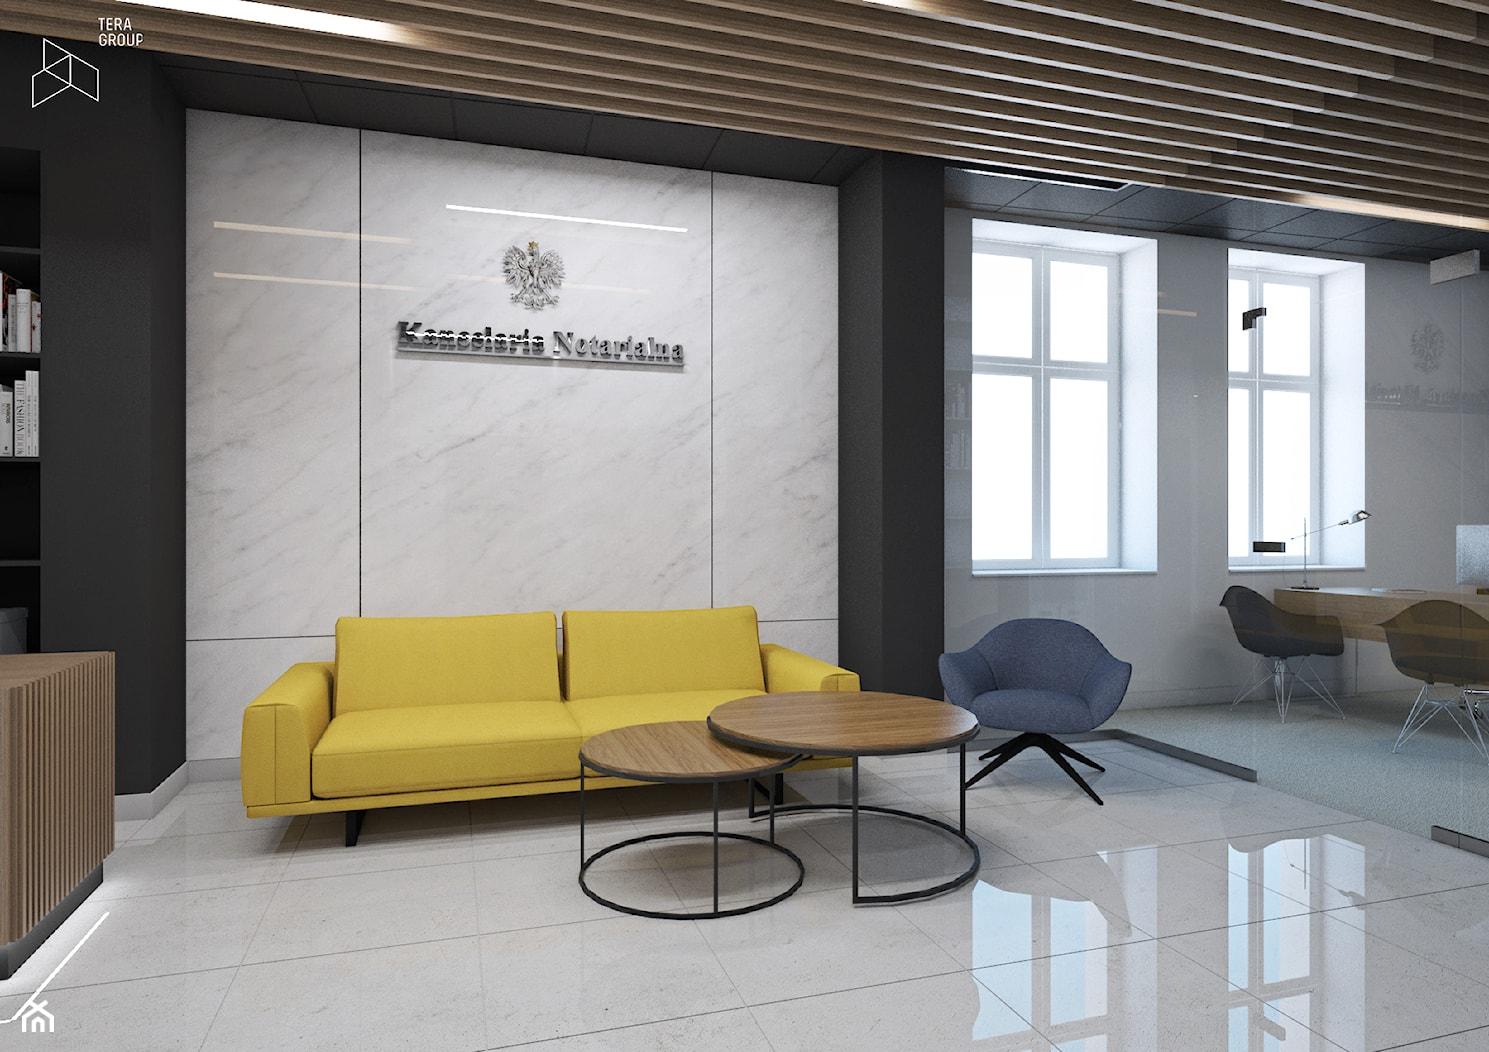 Wnętrze Kancelarii Notarialnej - Wnętrza publiczne, styl nowoczesny - zdjęcie od TG WNĘTRZA - Homebook